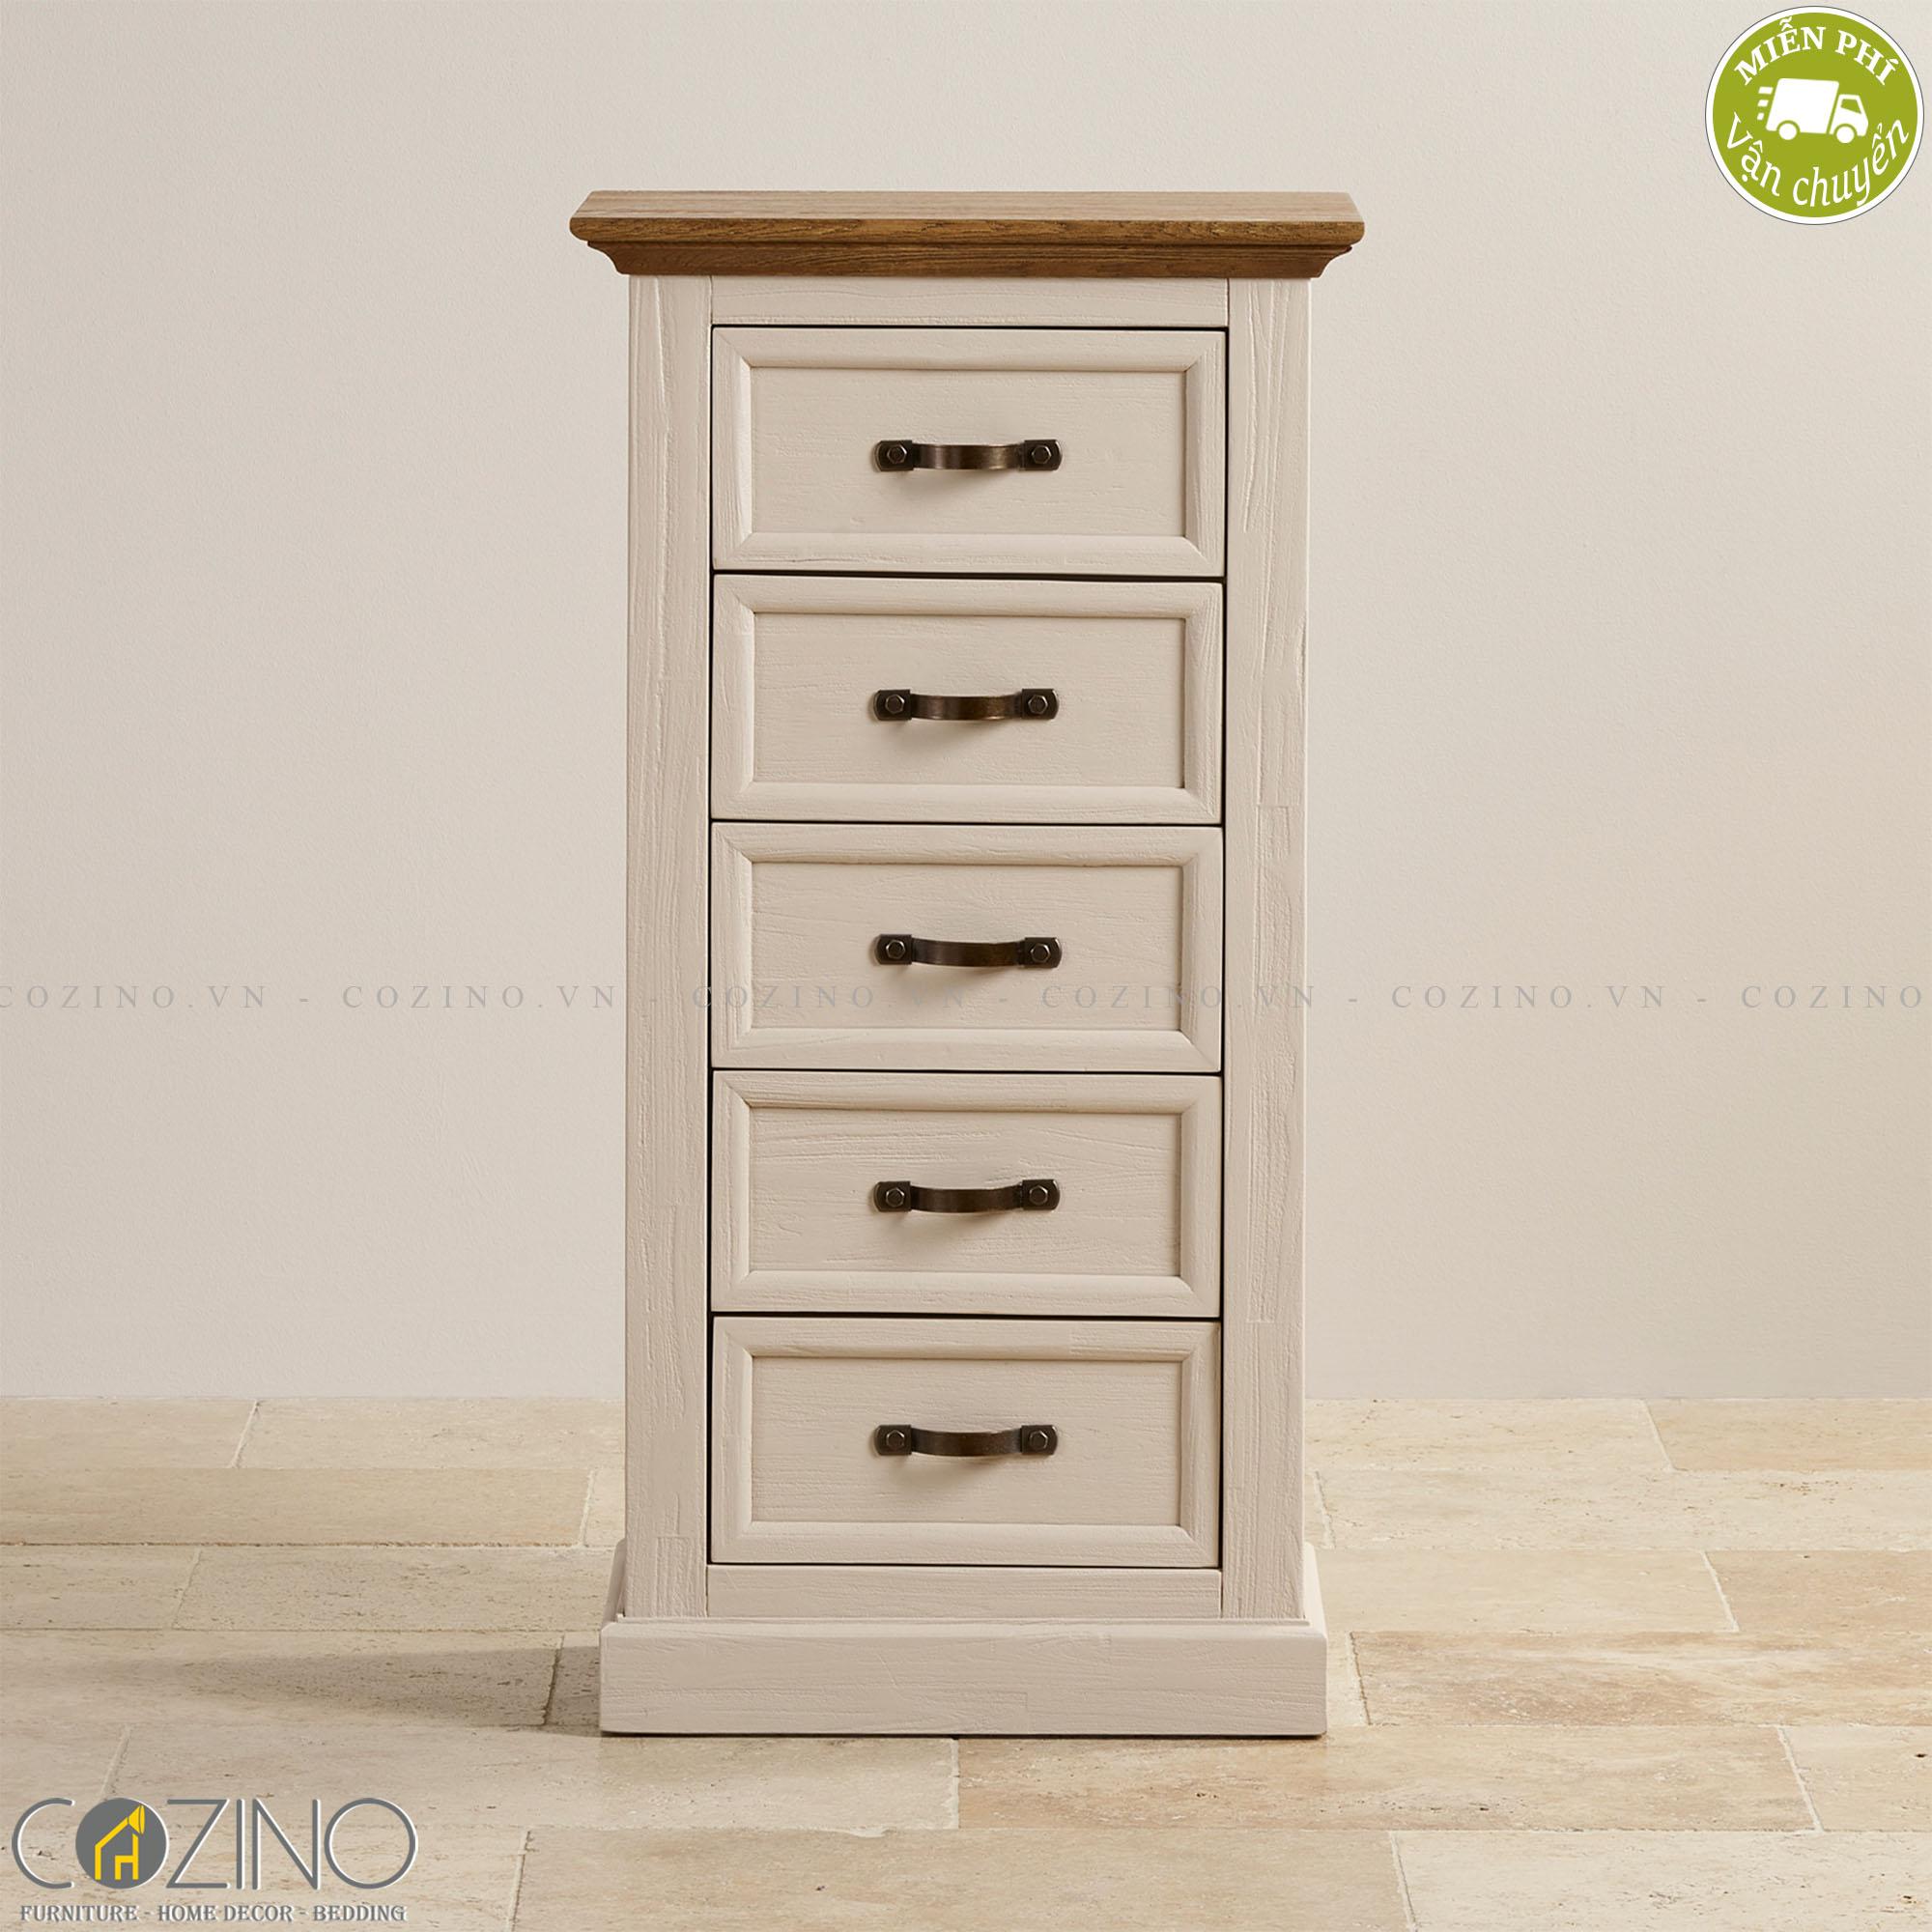 Tủ ngăn kéo đứng Sark 5 hộc gỗ sồi- Cozino